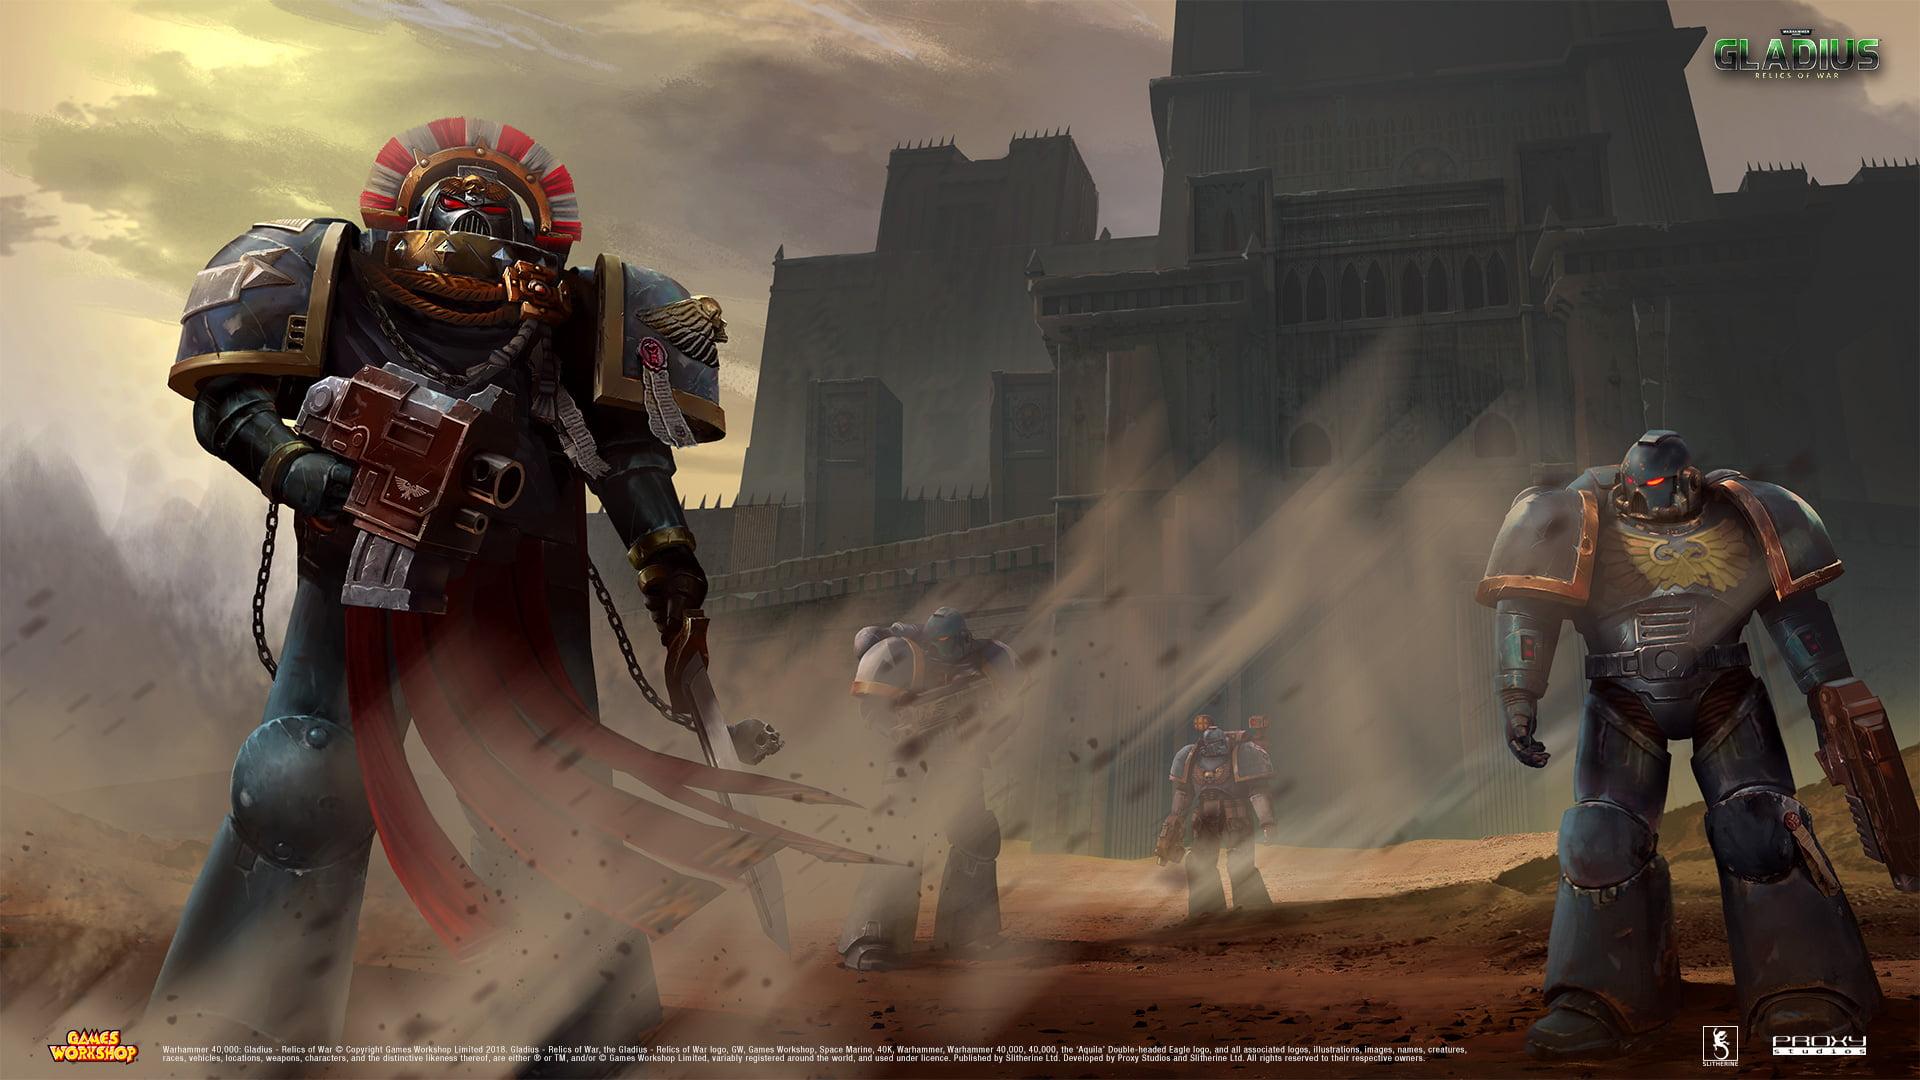 Warhammer 40000 Gladius Space Marines Adeptus Astartes   40k 1920x1080